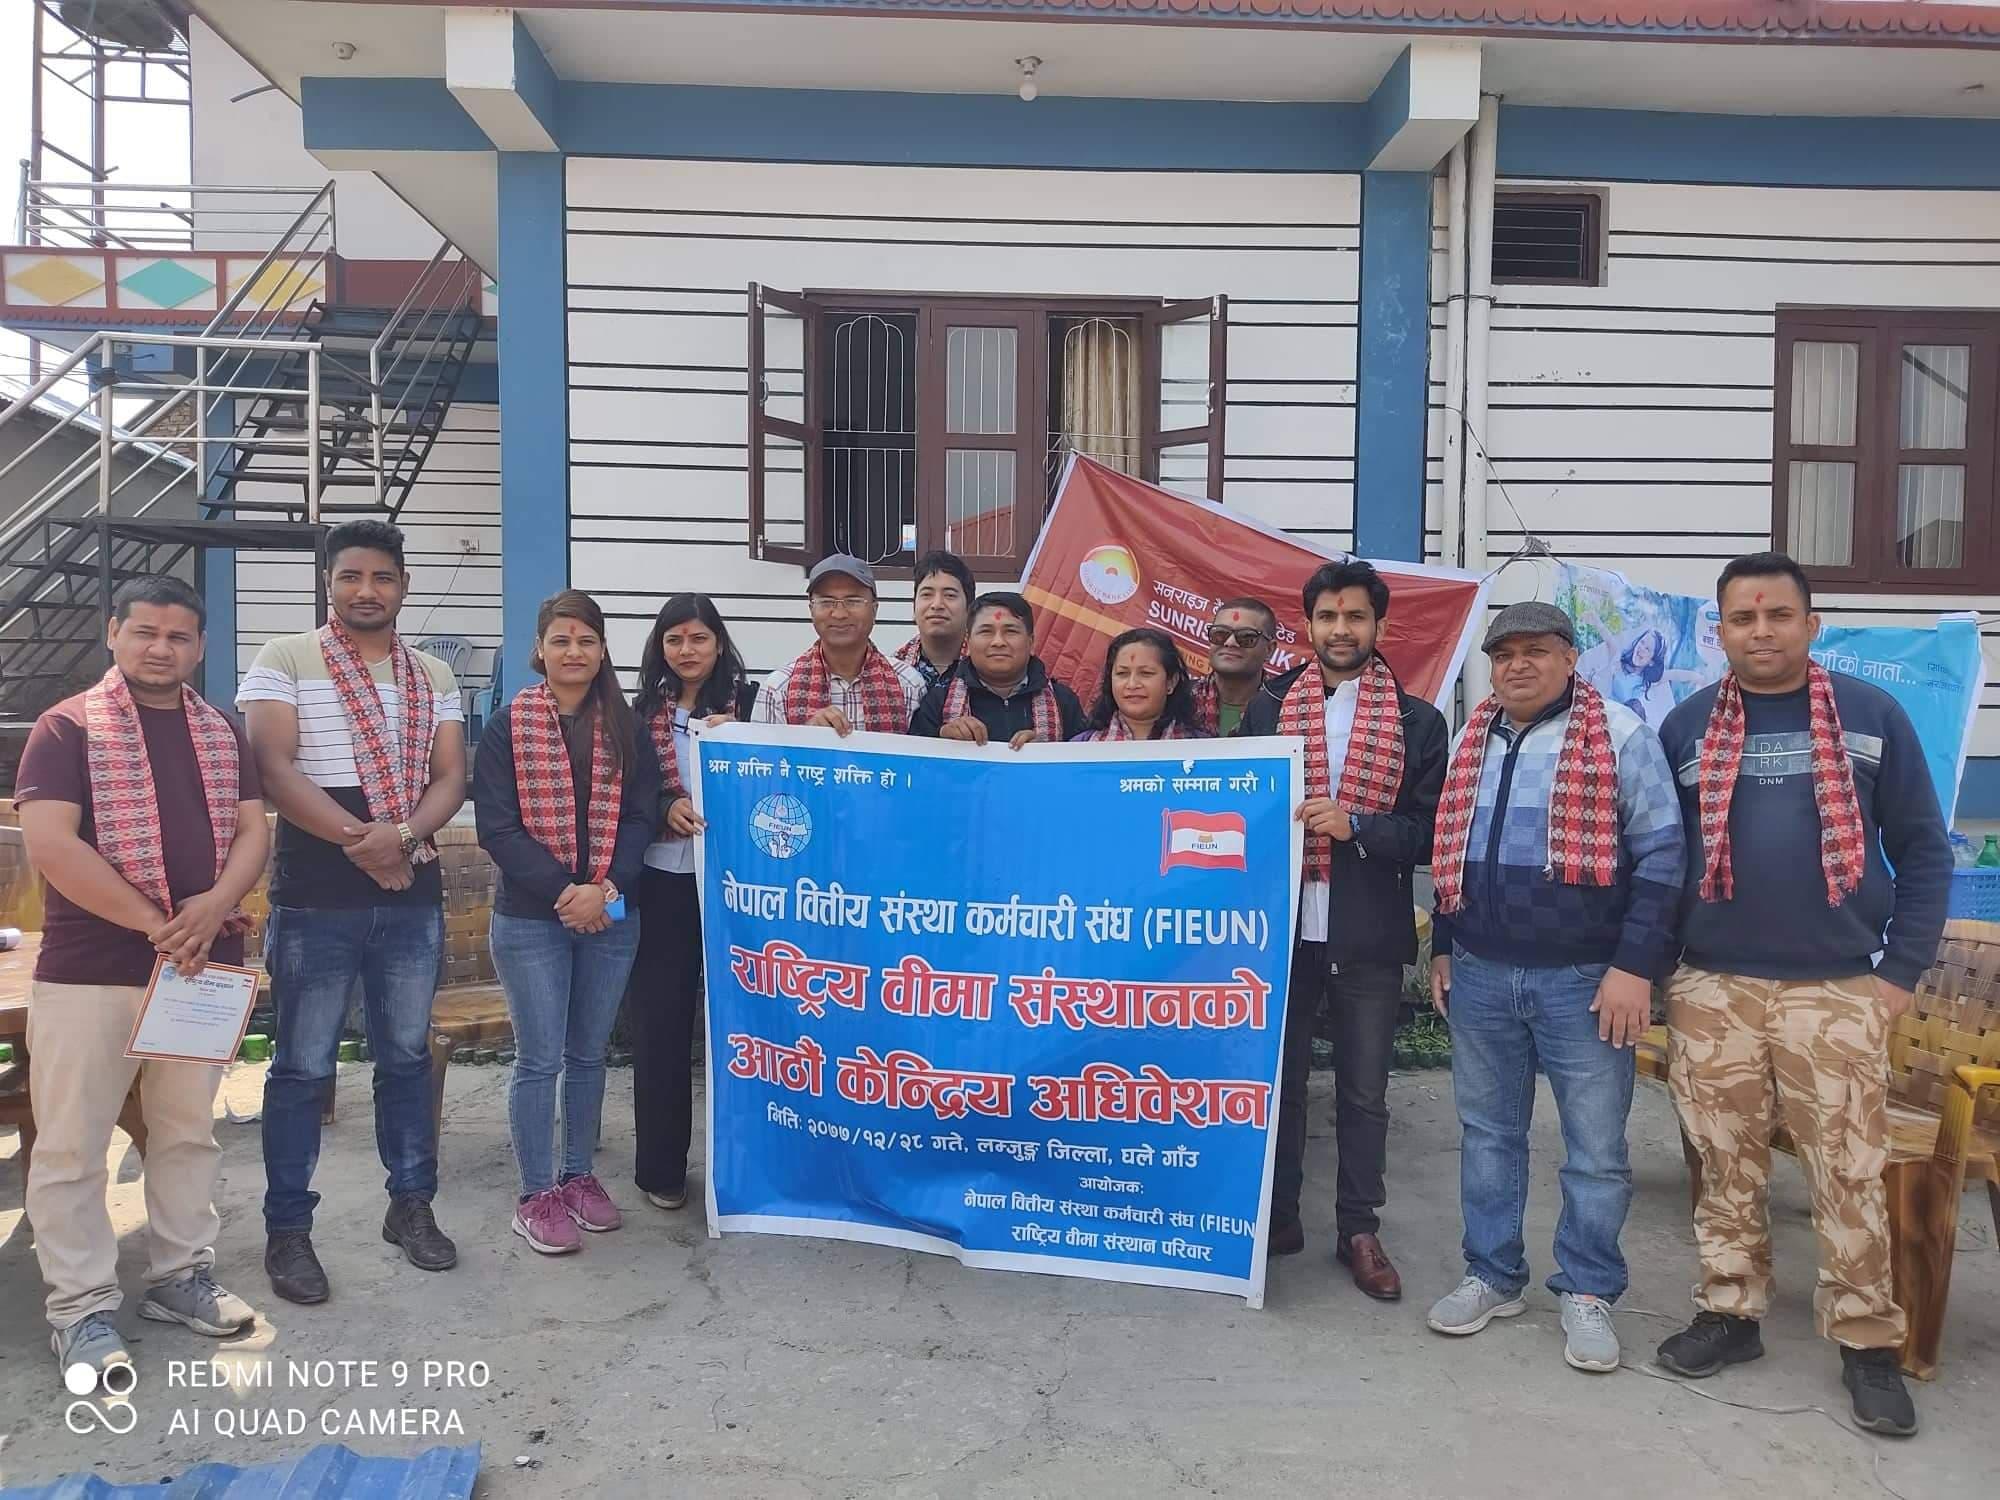 नेपाल वित्तीय संस्था कर्मचारी संघ राष्ट्रिय बीमा संस्थानको अध्यक्षमा रविन्द्र श्रेष्ठ, वरिष्ठ उपाध्यक्षमा अर्जुन पराजुली